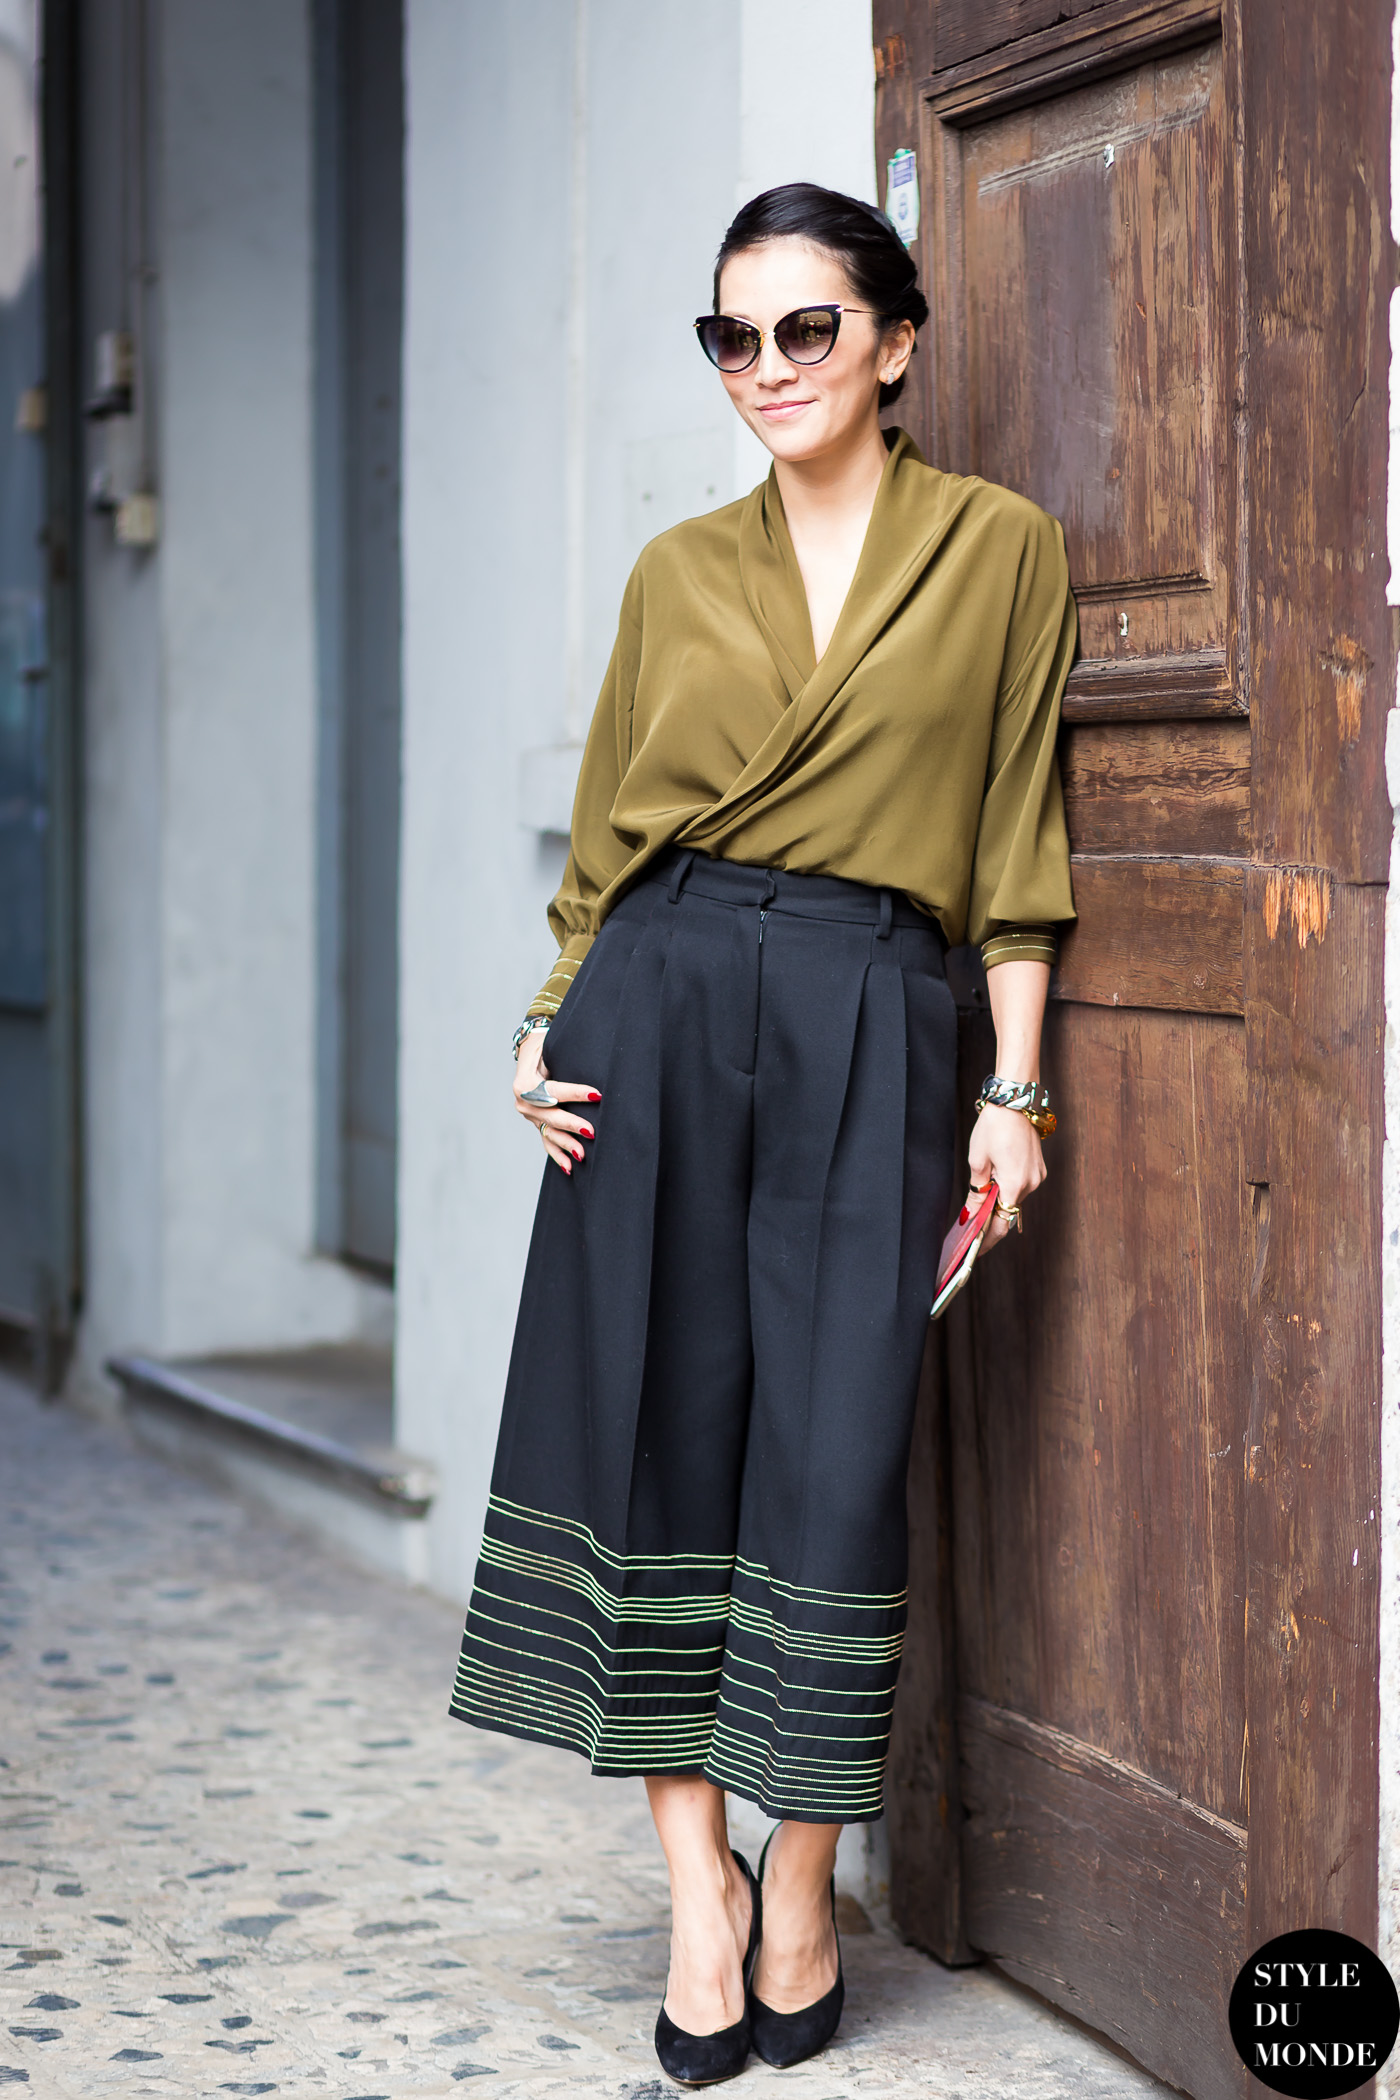 Milan Fashion Week Fw 2015 Street Style Tina Leung Style Du Monde Street Style Street